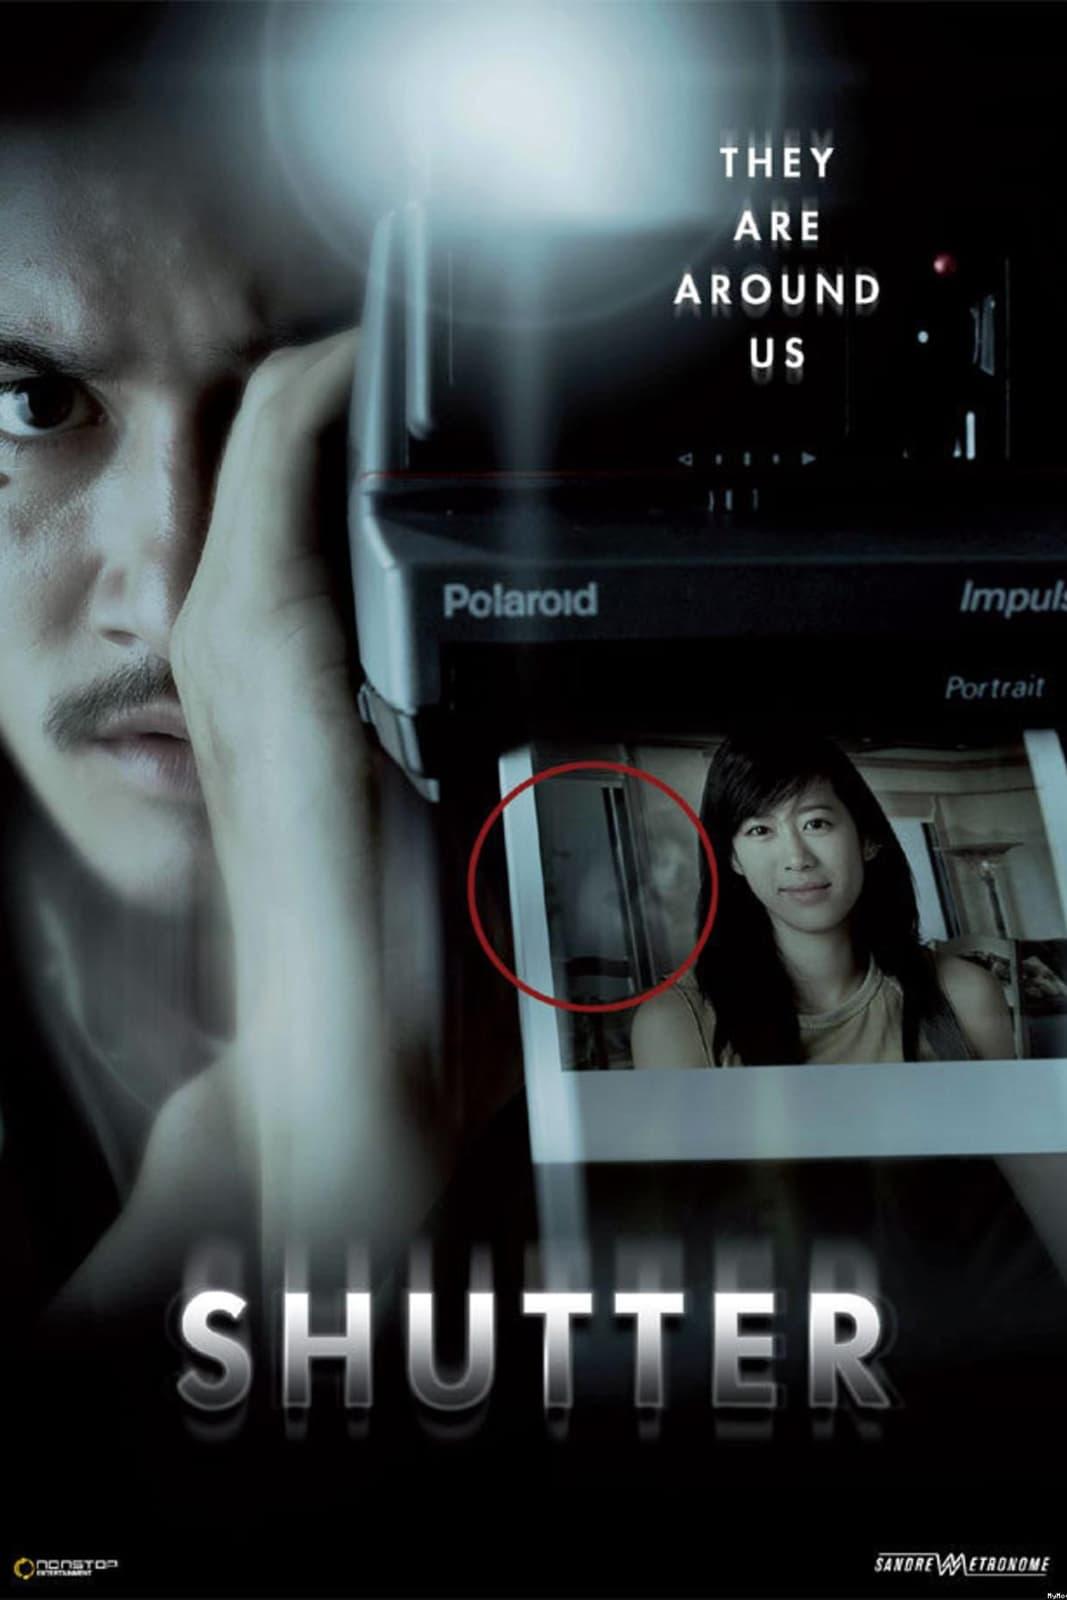 Están entre nosotros (Shutter)